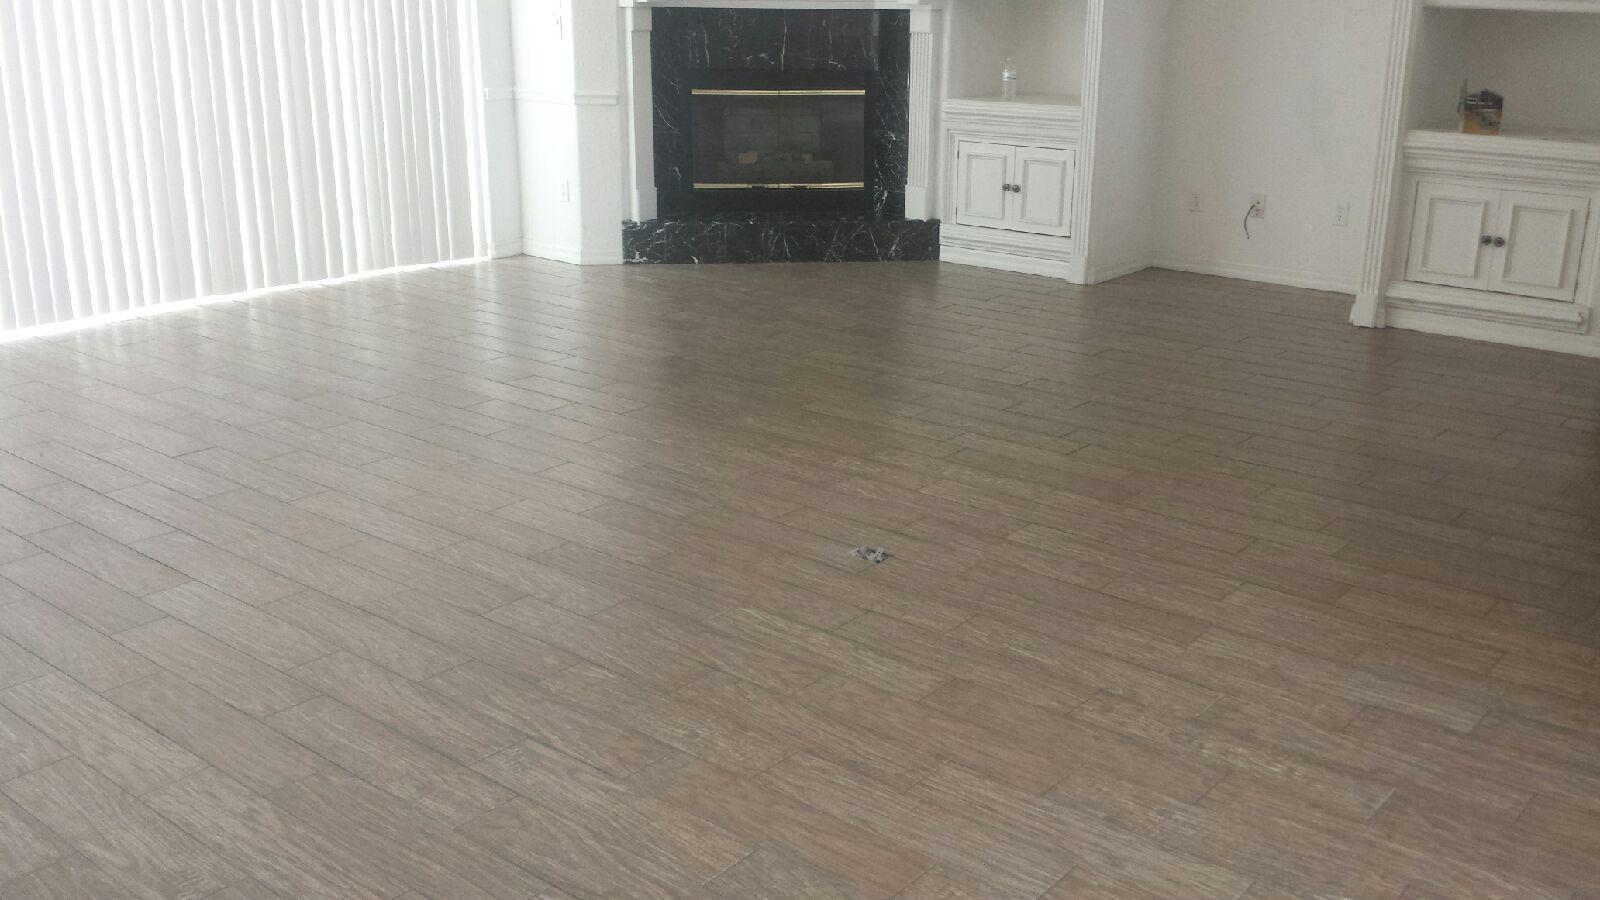 Wood-Look Tile Planks